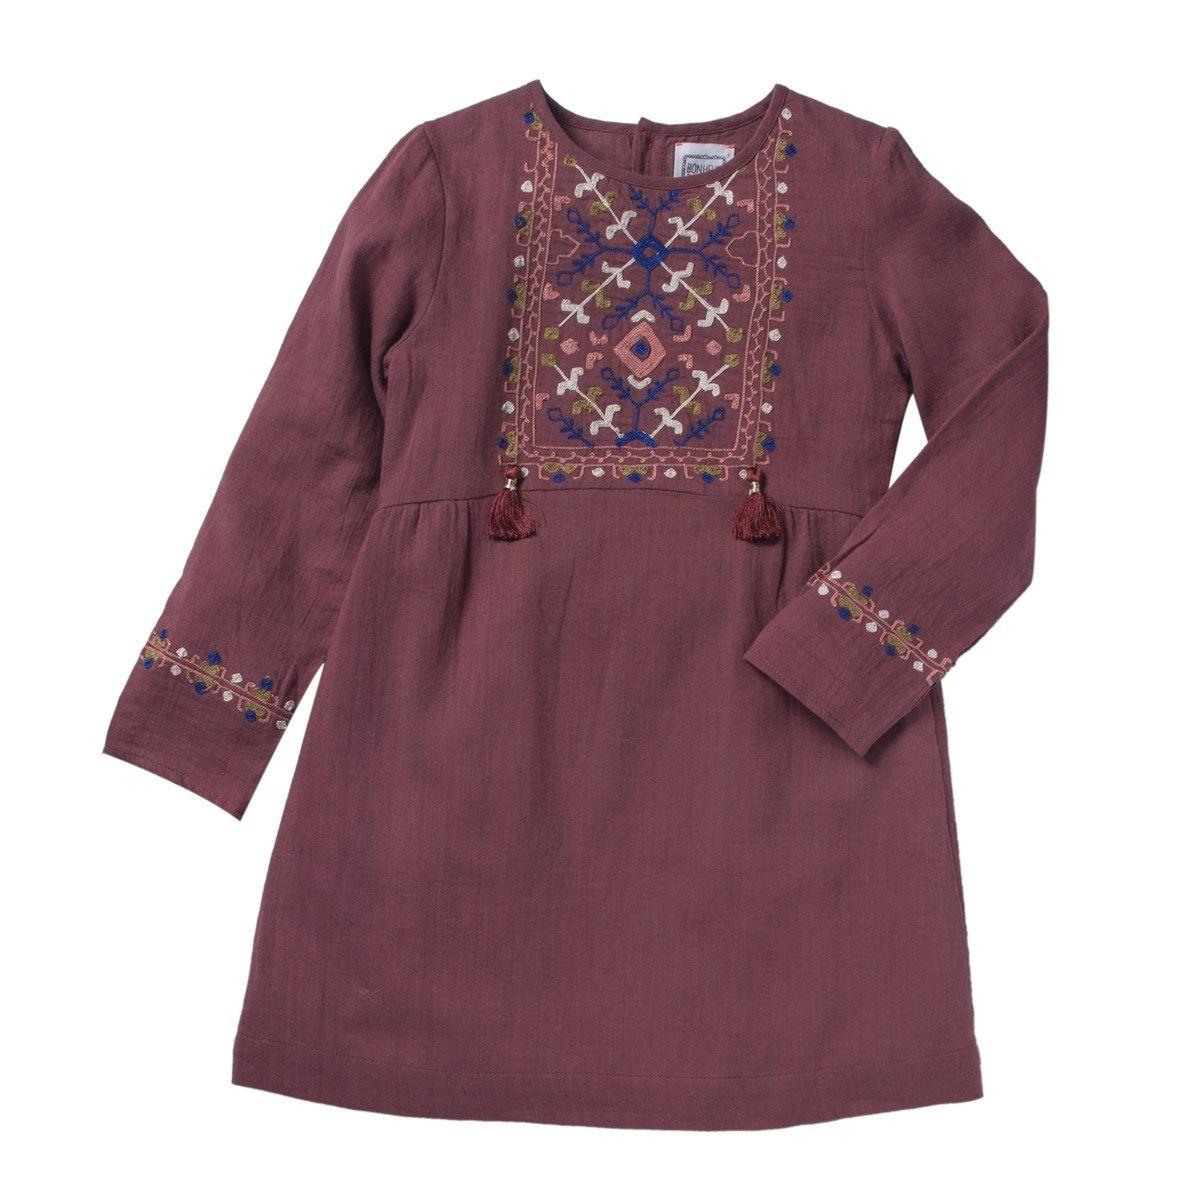 Robe brodée Baboushka